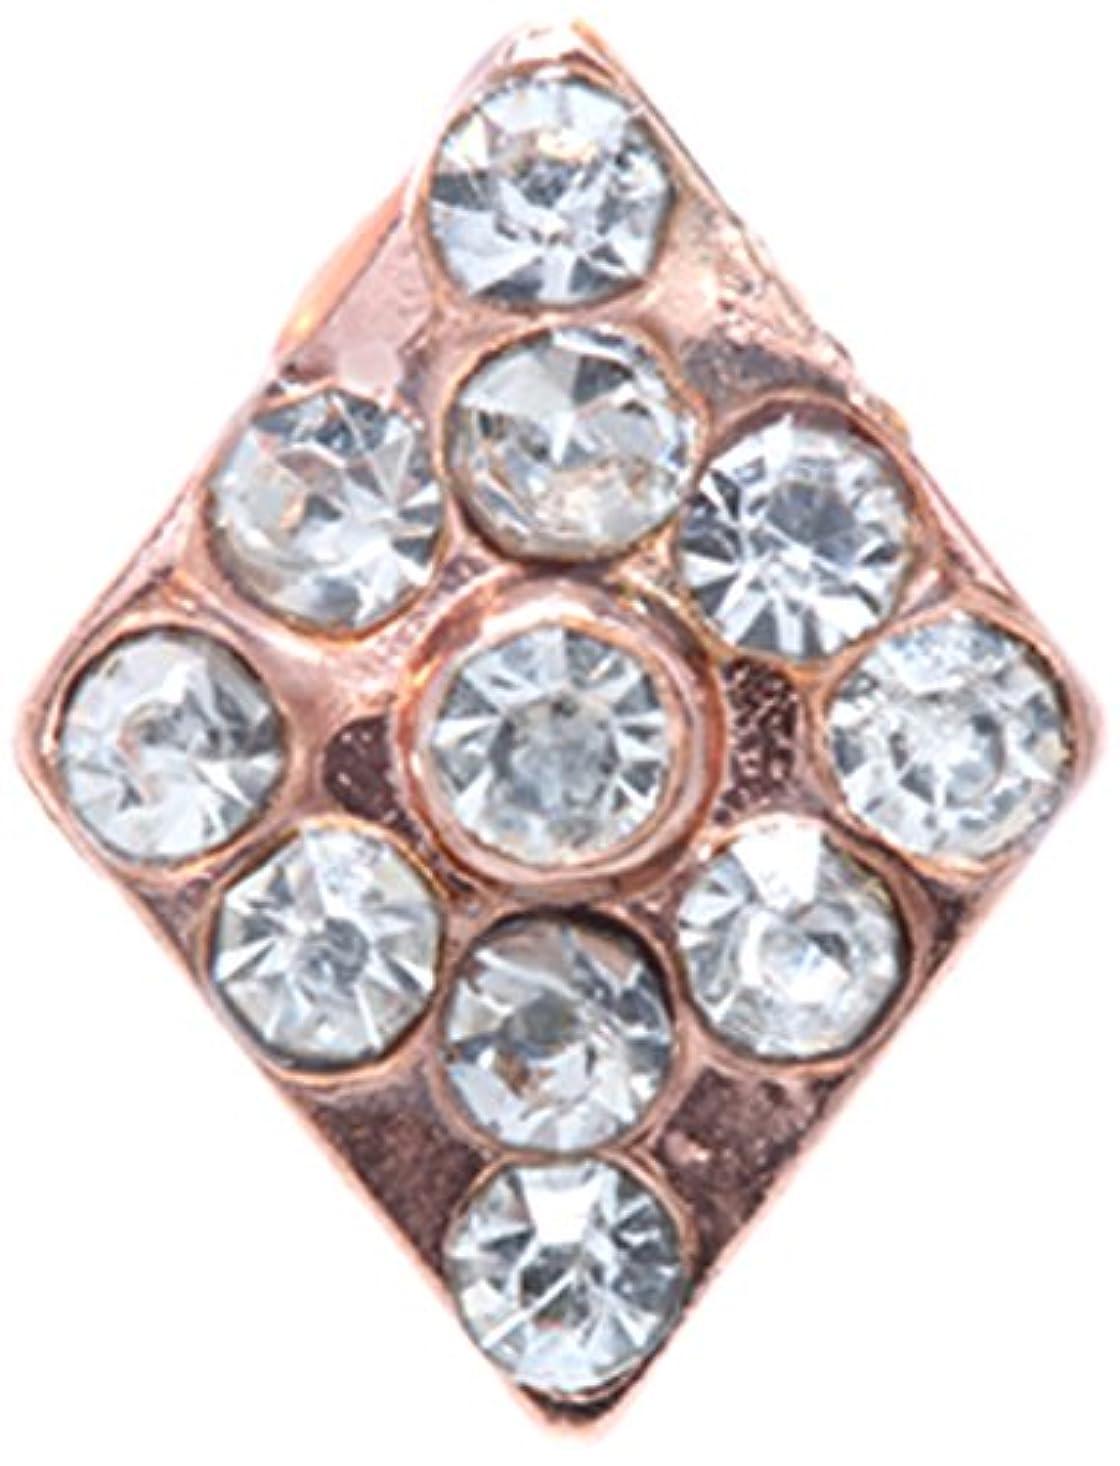 ファックスクレデンシャル堂々たるダイヤ クリスタル(各2個) ピンクゴールド